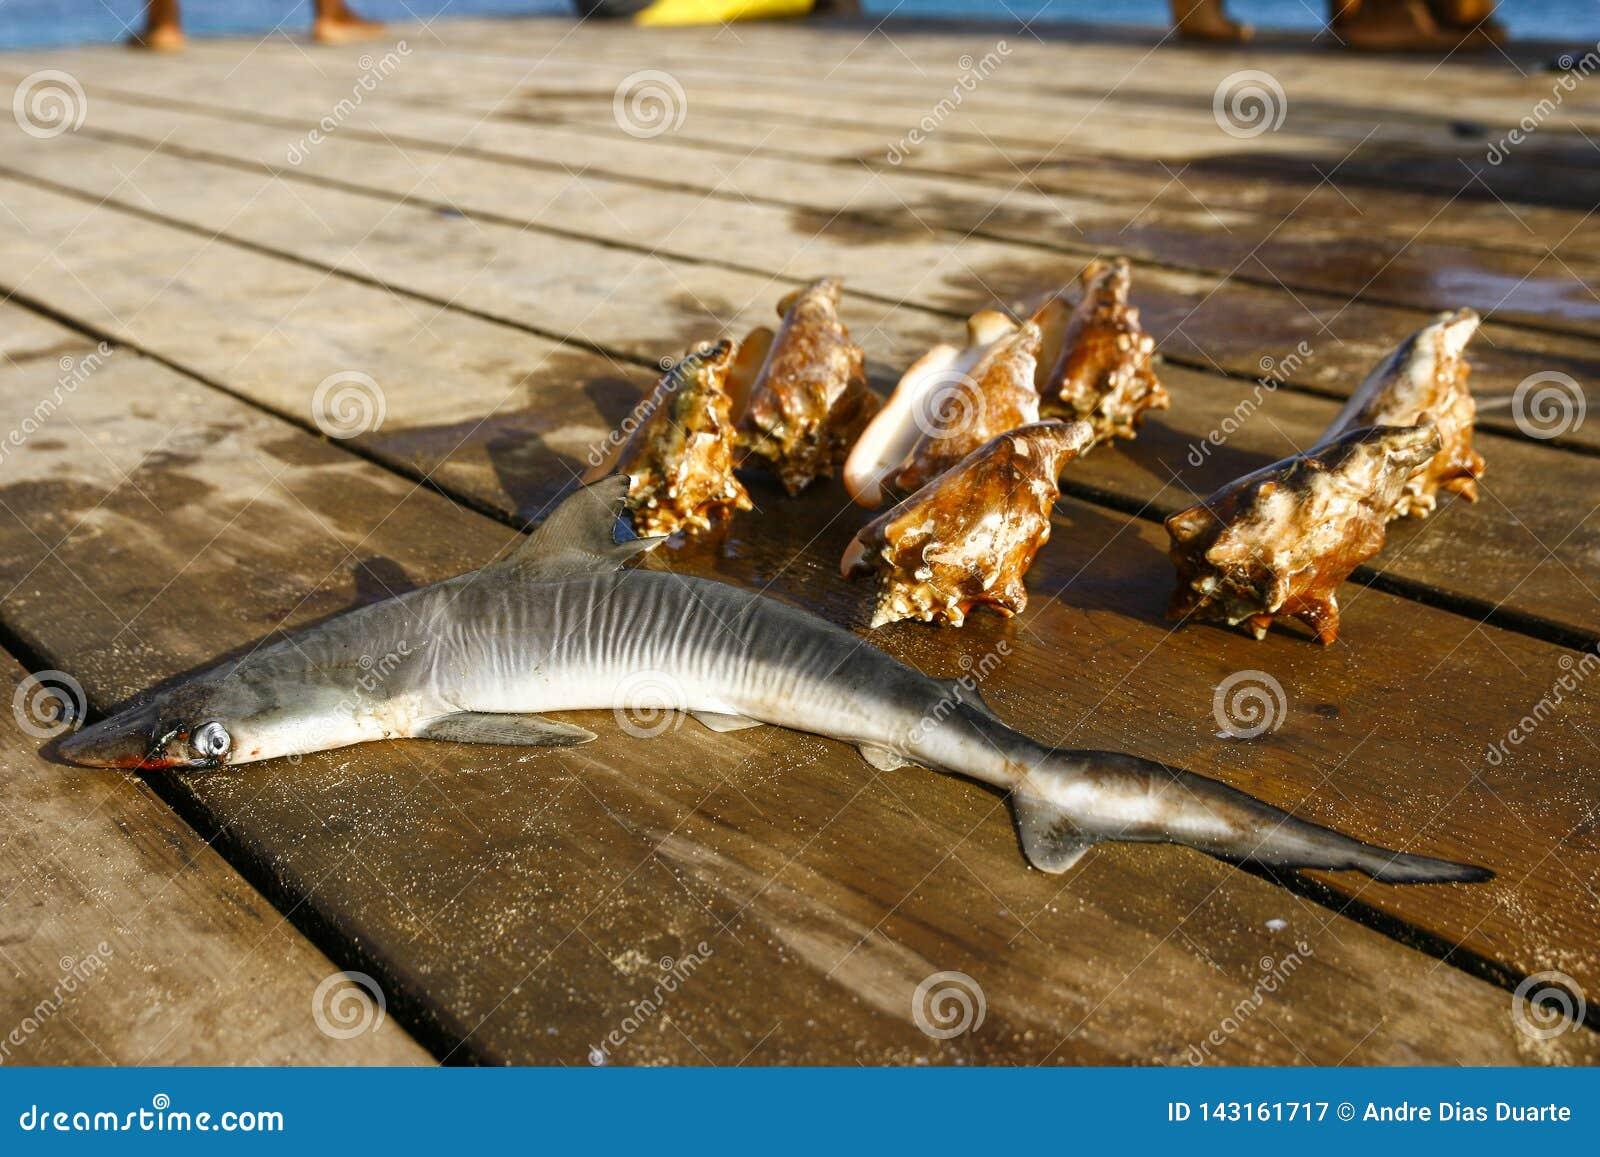 Liten haj- och havstrumpetsnäcka